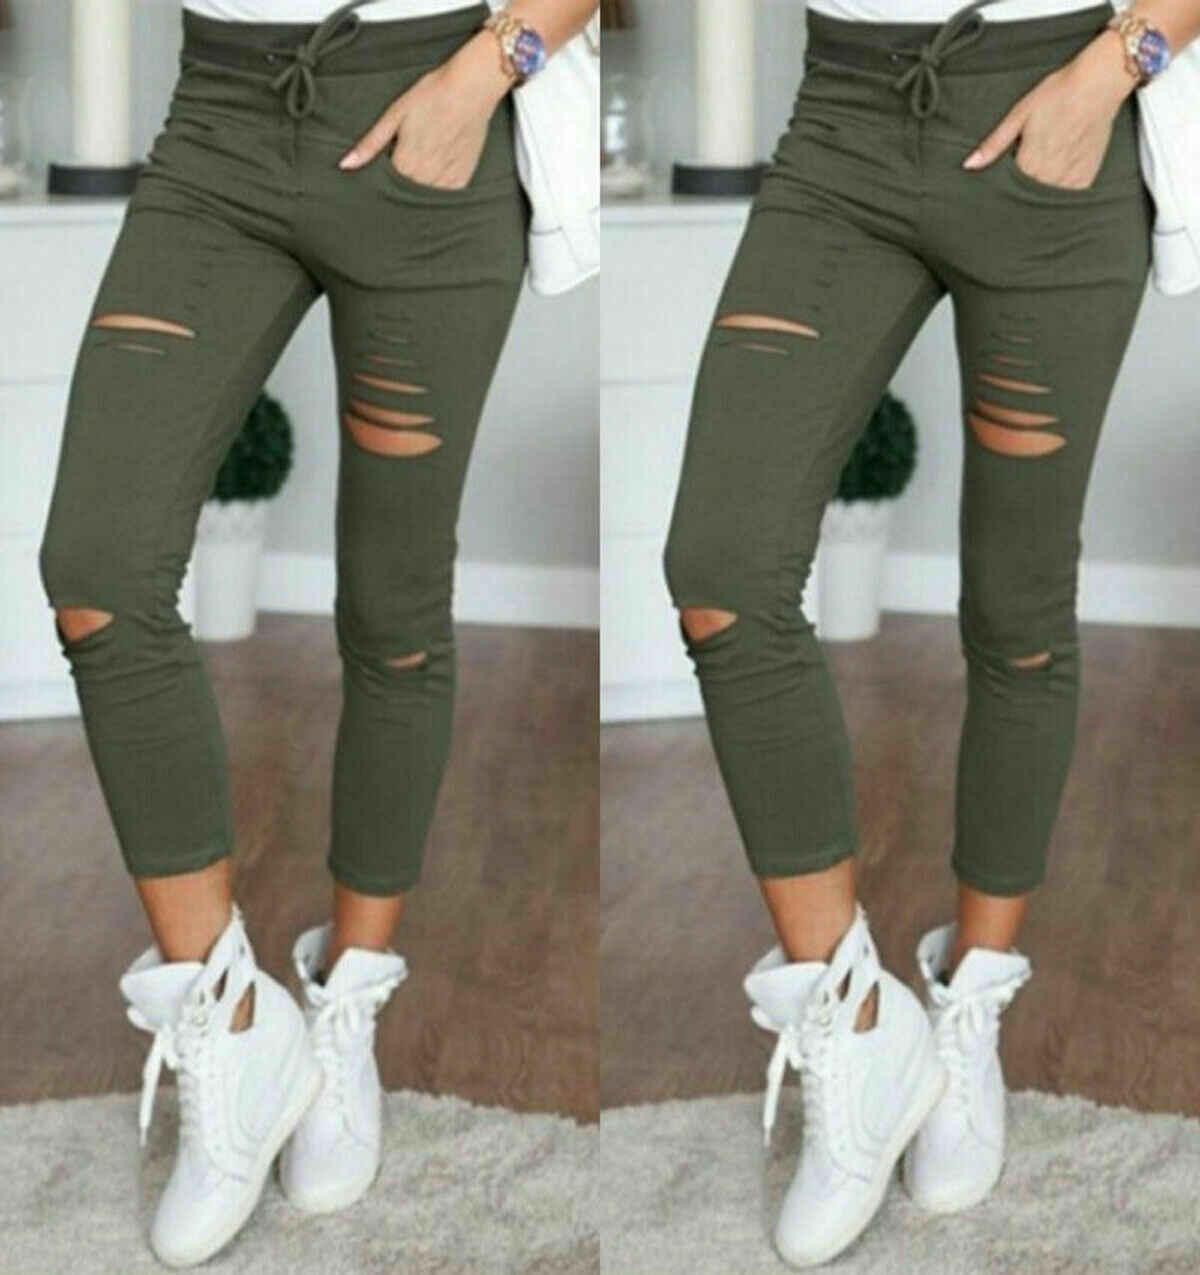 2020 Cargo Pantaloni Delle Donne di Modo Sottile A Vita Alta Elastica Skinny Rotto Foro Pantaloni Della Matita di Colore Solido Streetwear Pantaloni Delle Donne